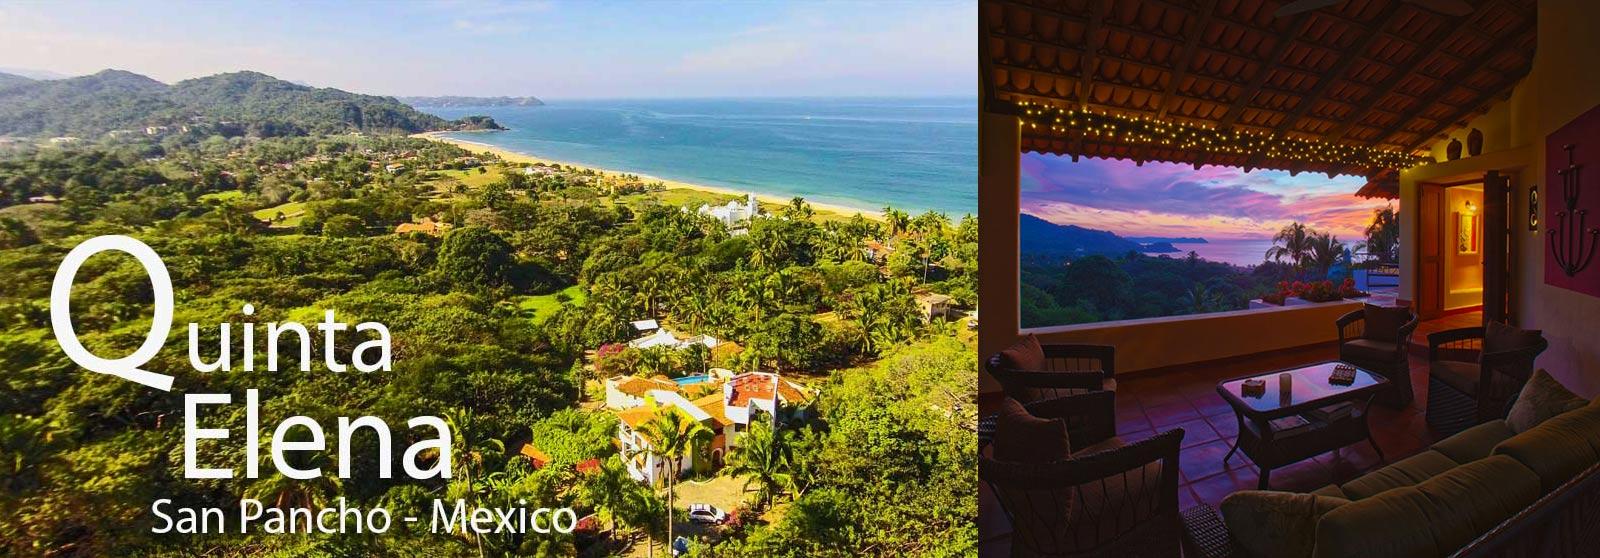 Quinta Elena - San Pancho Vacation rental villa - Riviera Nayarit, Mexico